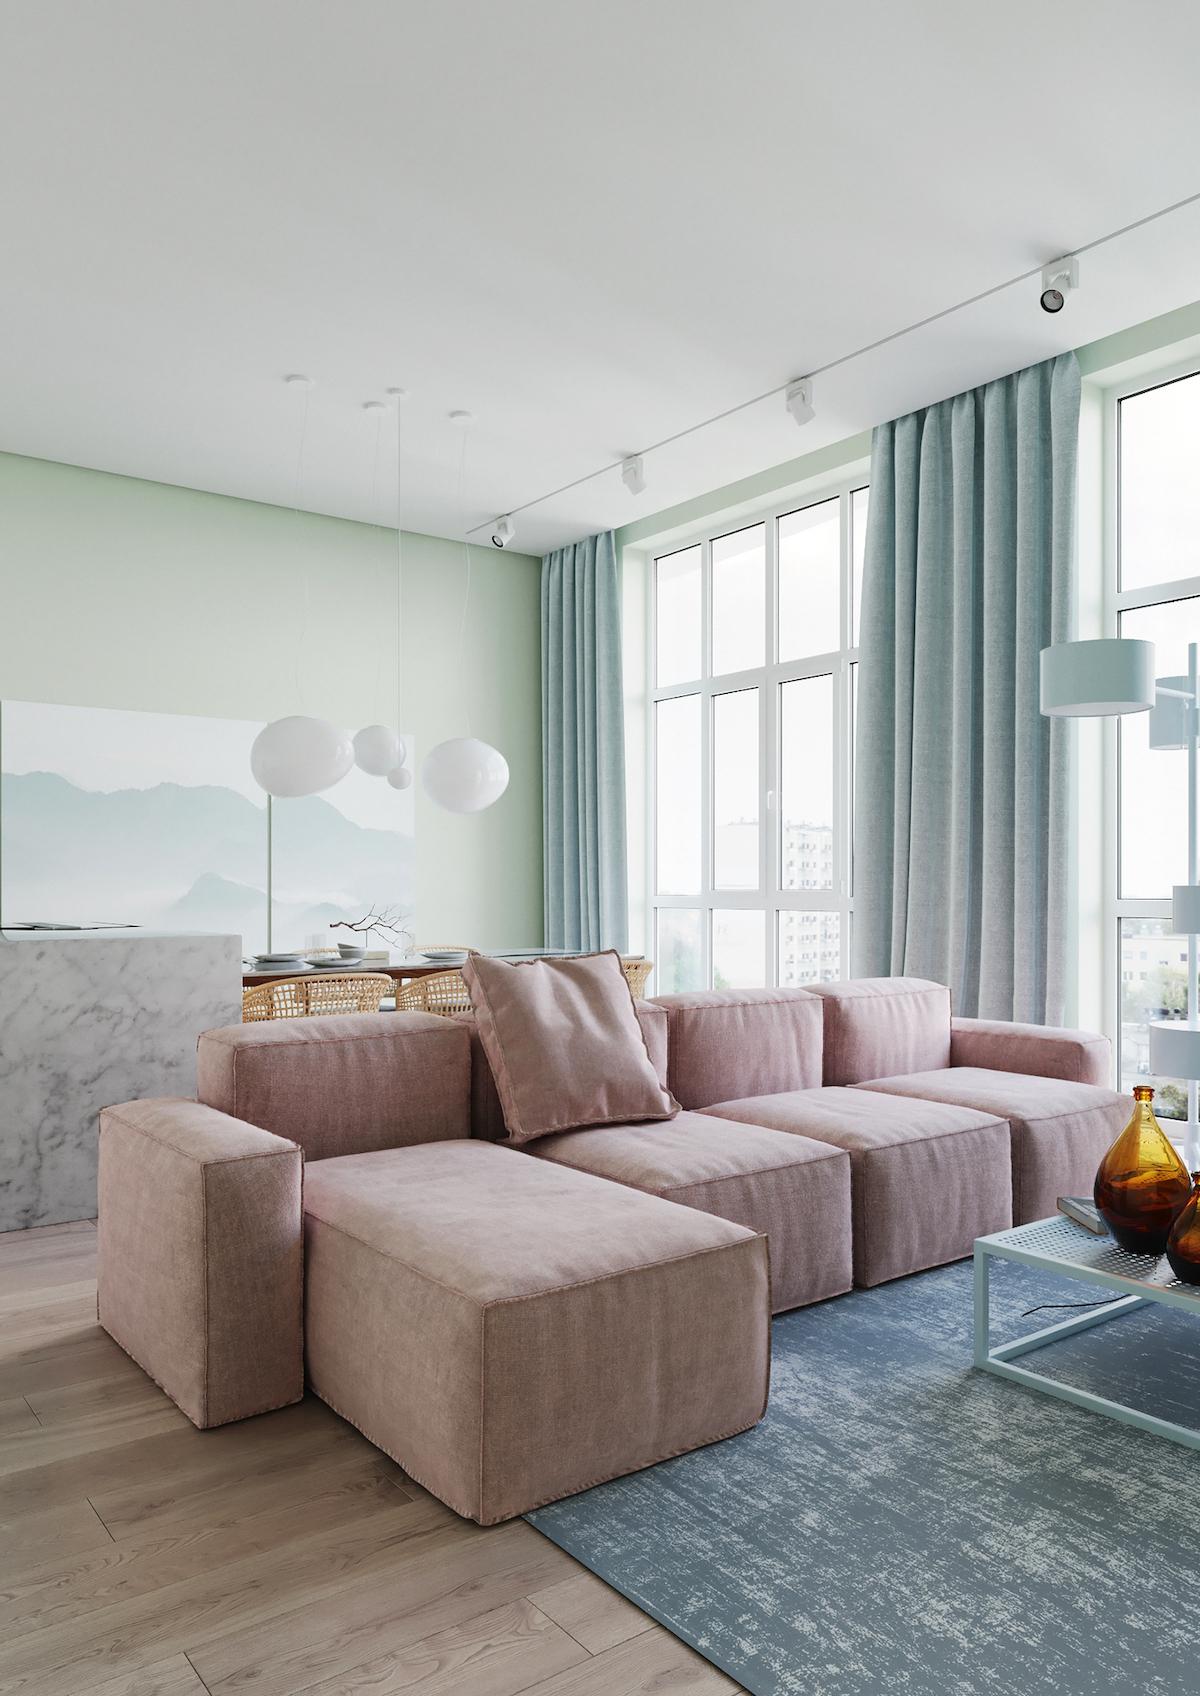 intérieur couleurs pastel salon rose bleu vert canapé modulable - blog déco - clemaroundthecorner